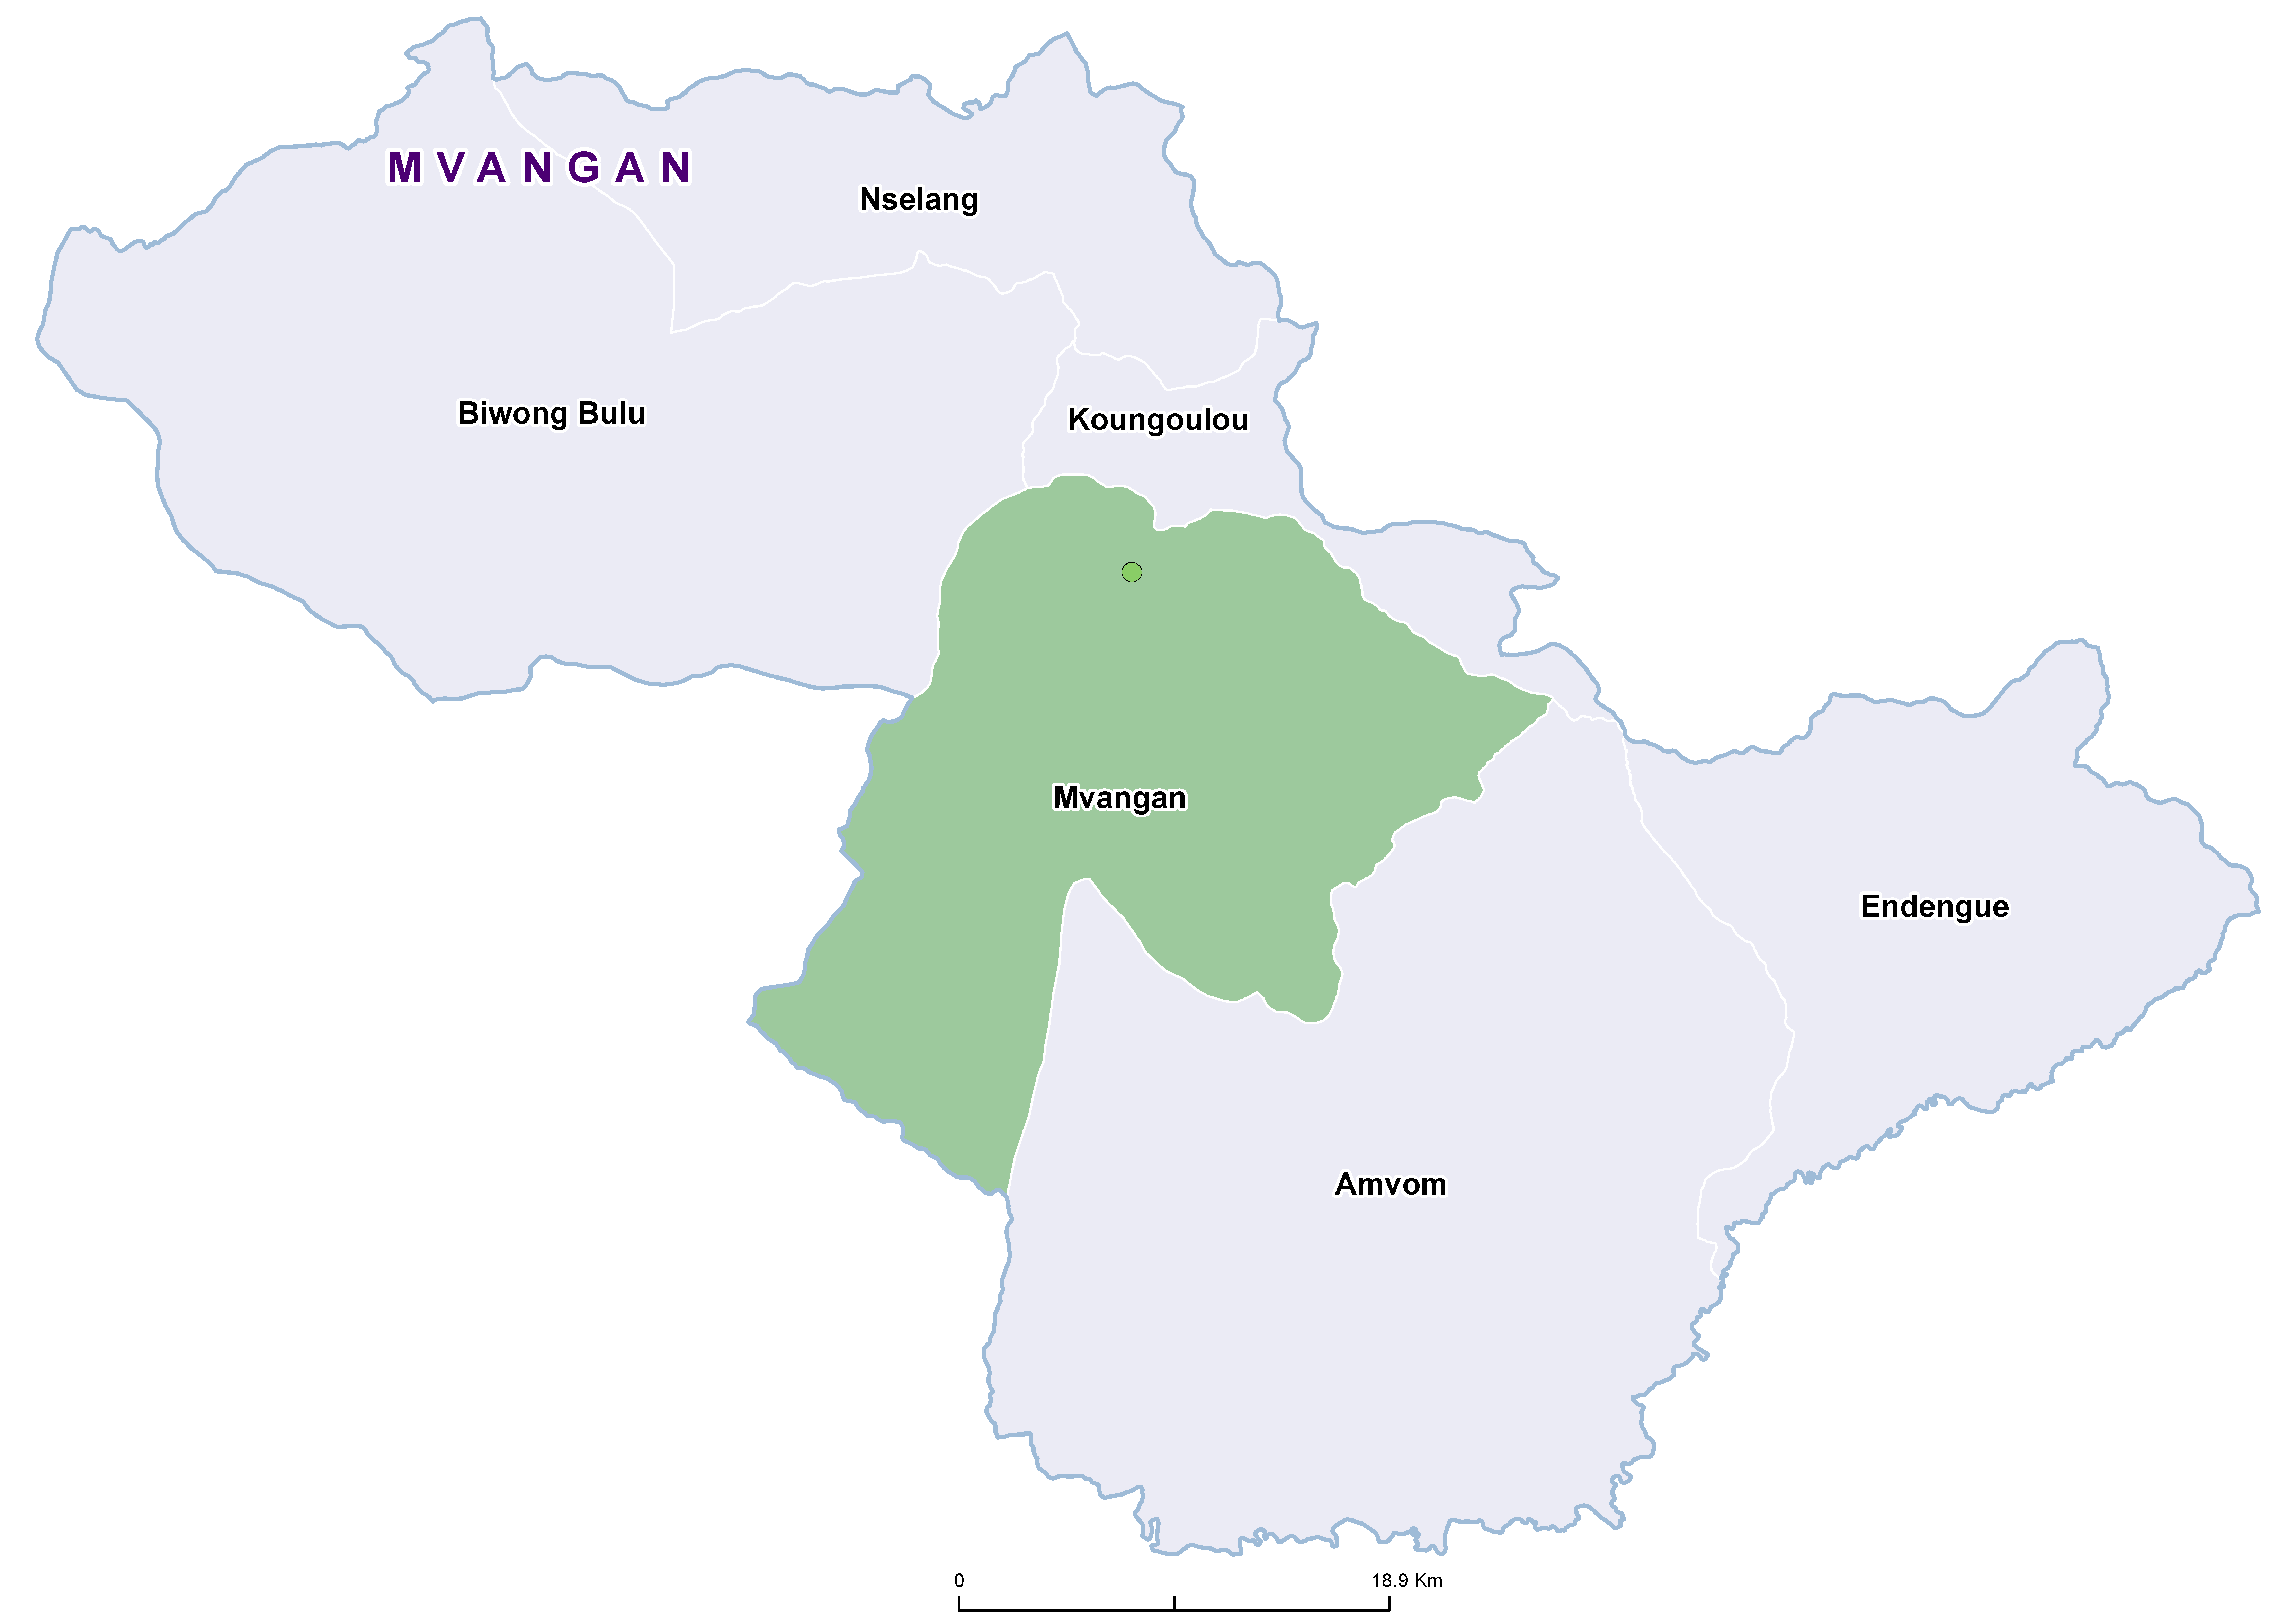 Mvangan SCH 20100001